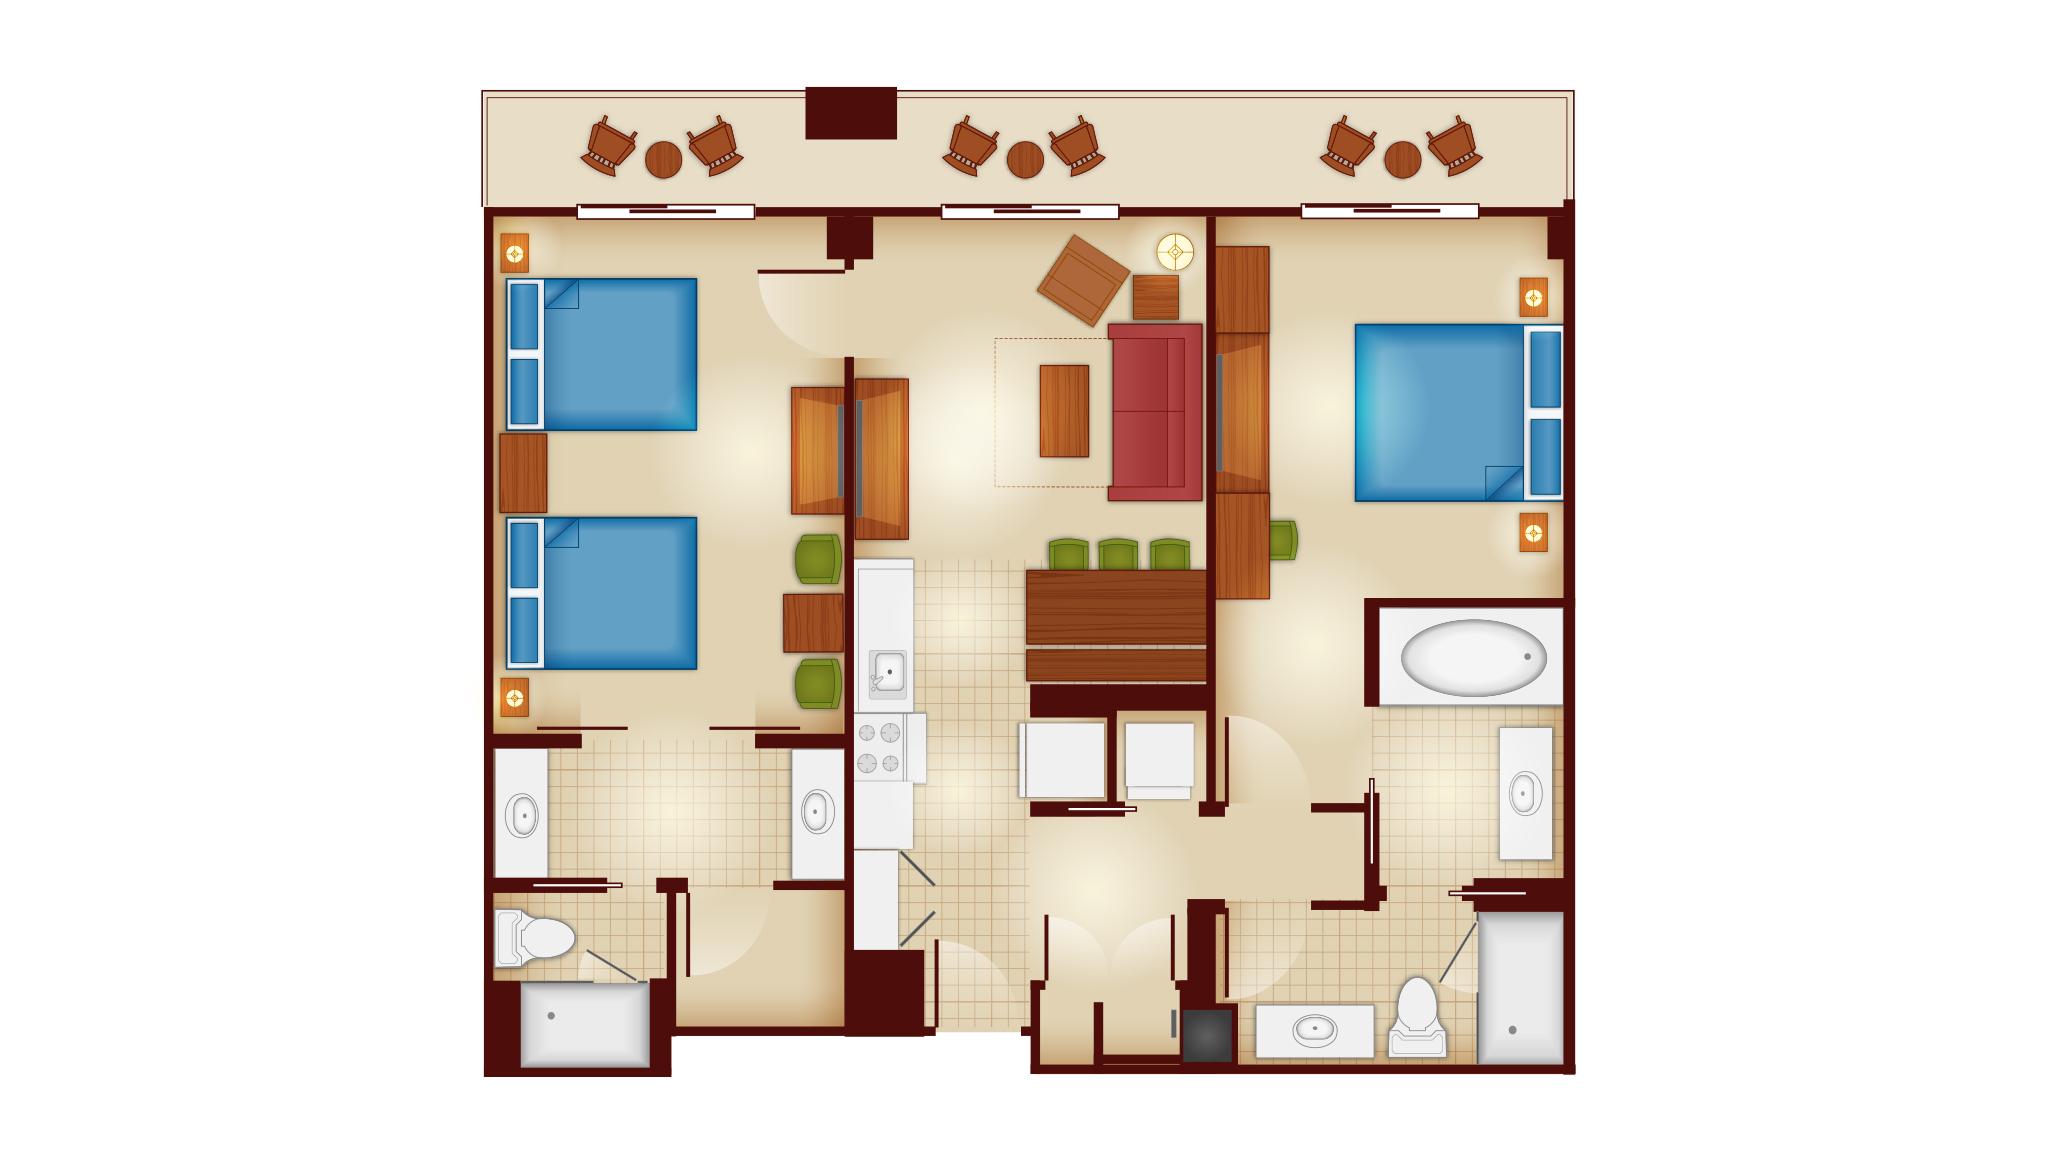 Animal Kingdom 2 Bedroom Villa Floor Plan: Copper Creek Villas & Cabins